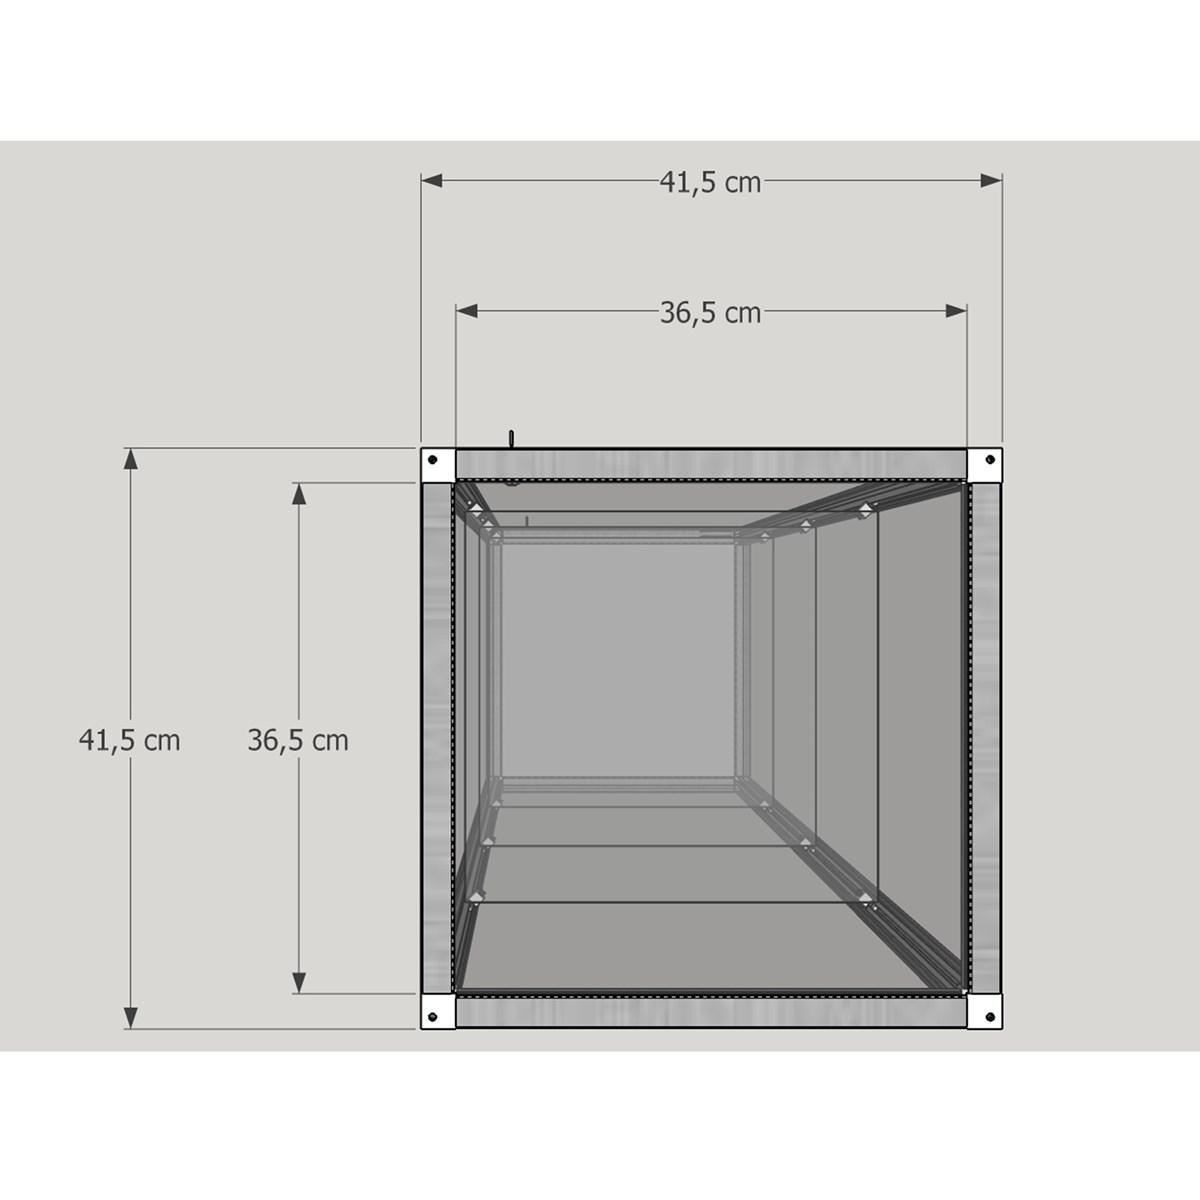 exklusive glas standvitrine abschlie bar mit unterschrank mm comsale. Black Bedroom Furniture Sets. Home Design Ideas